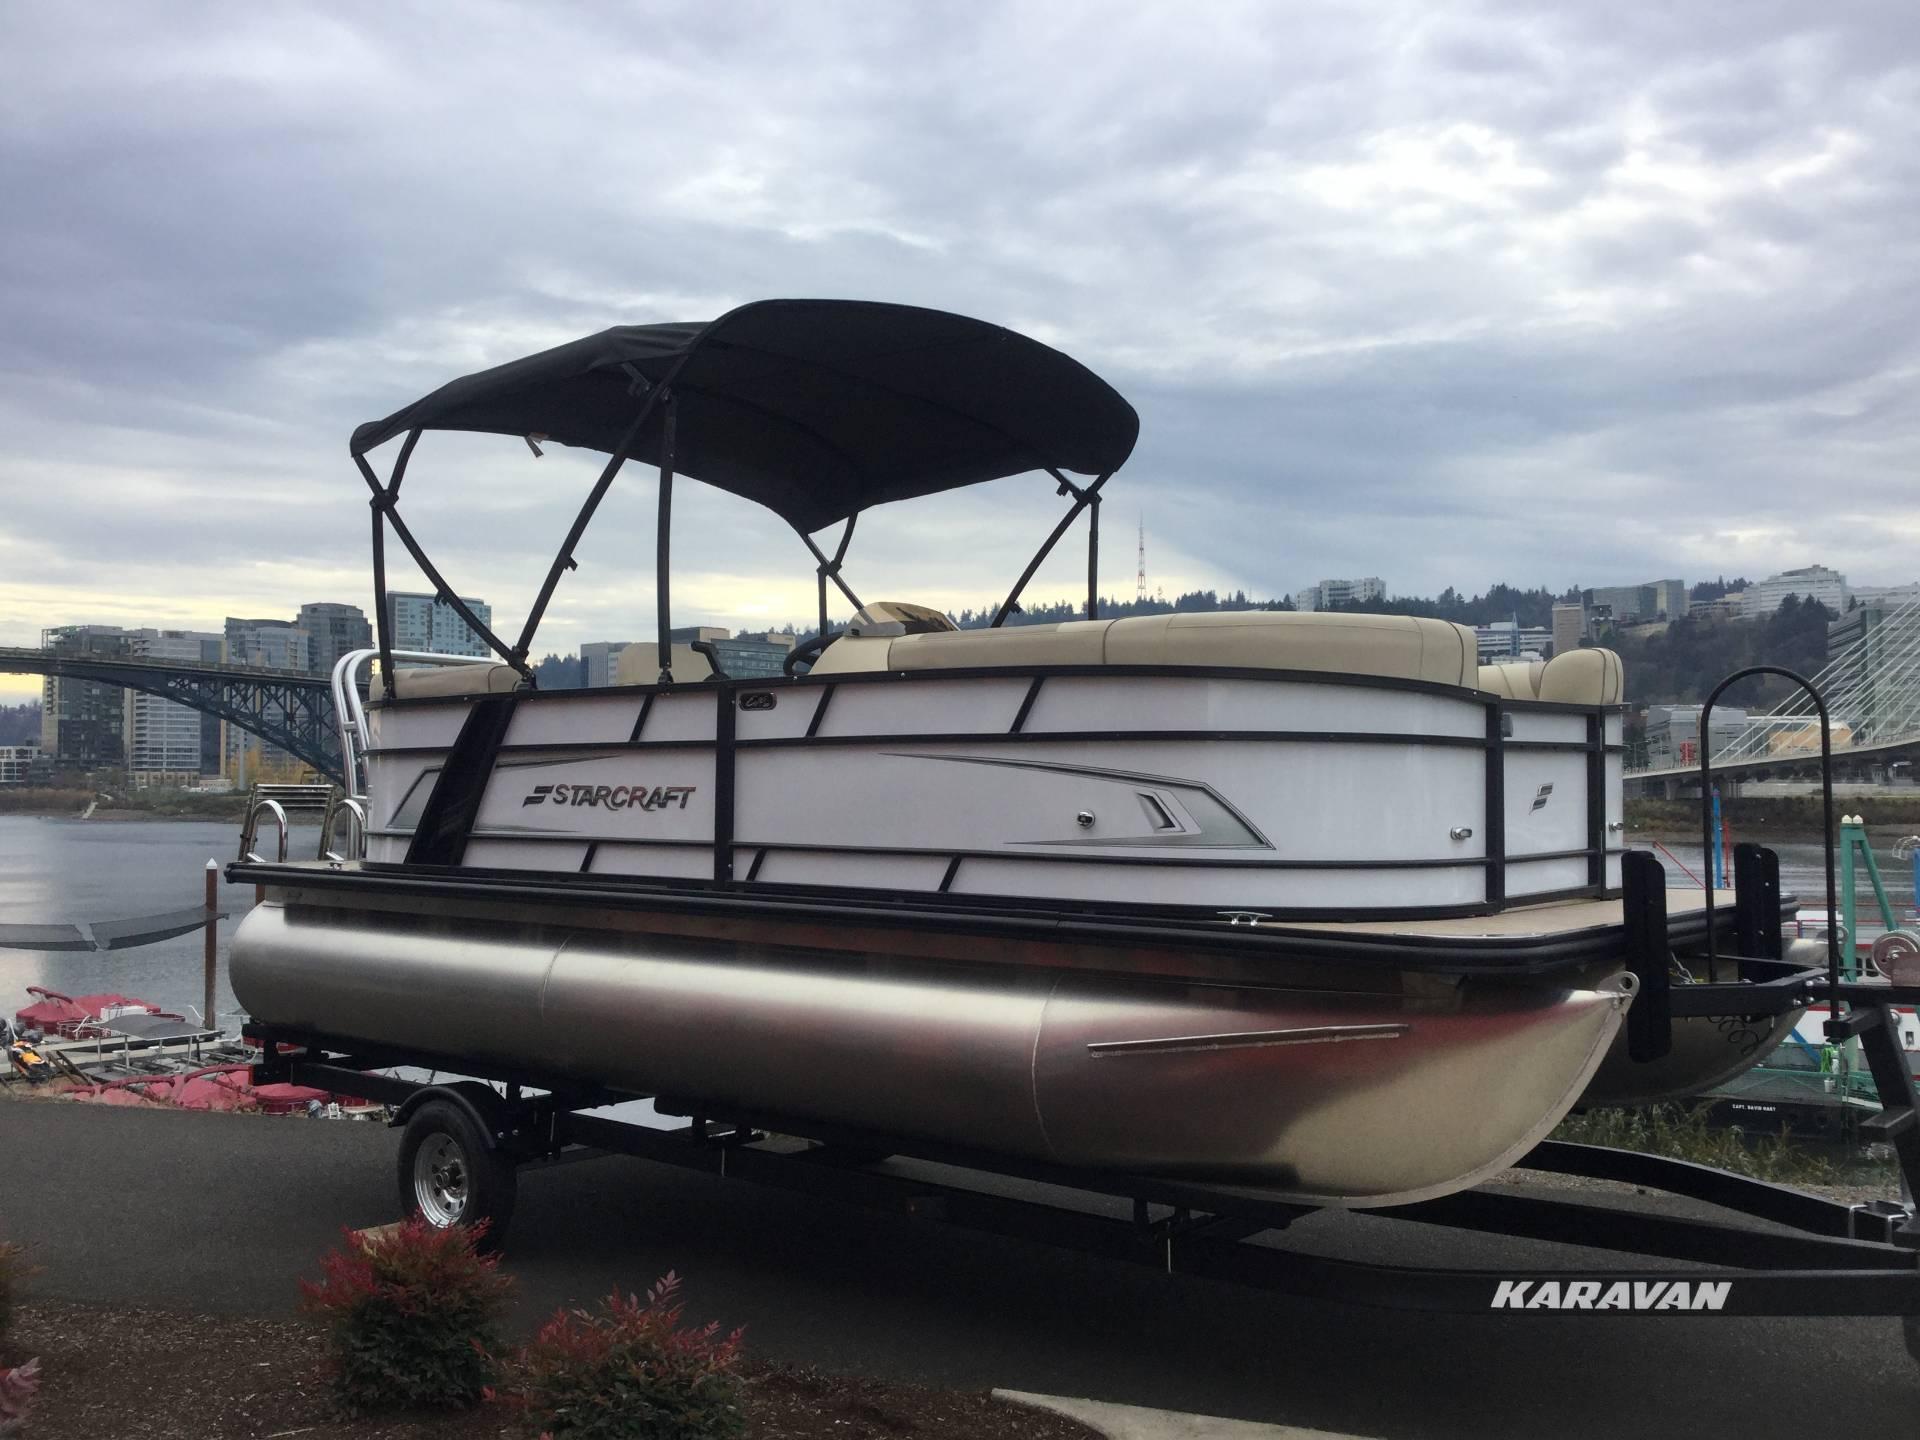 2018 Starcraft EX 20 R in Portland, Oregon